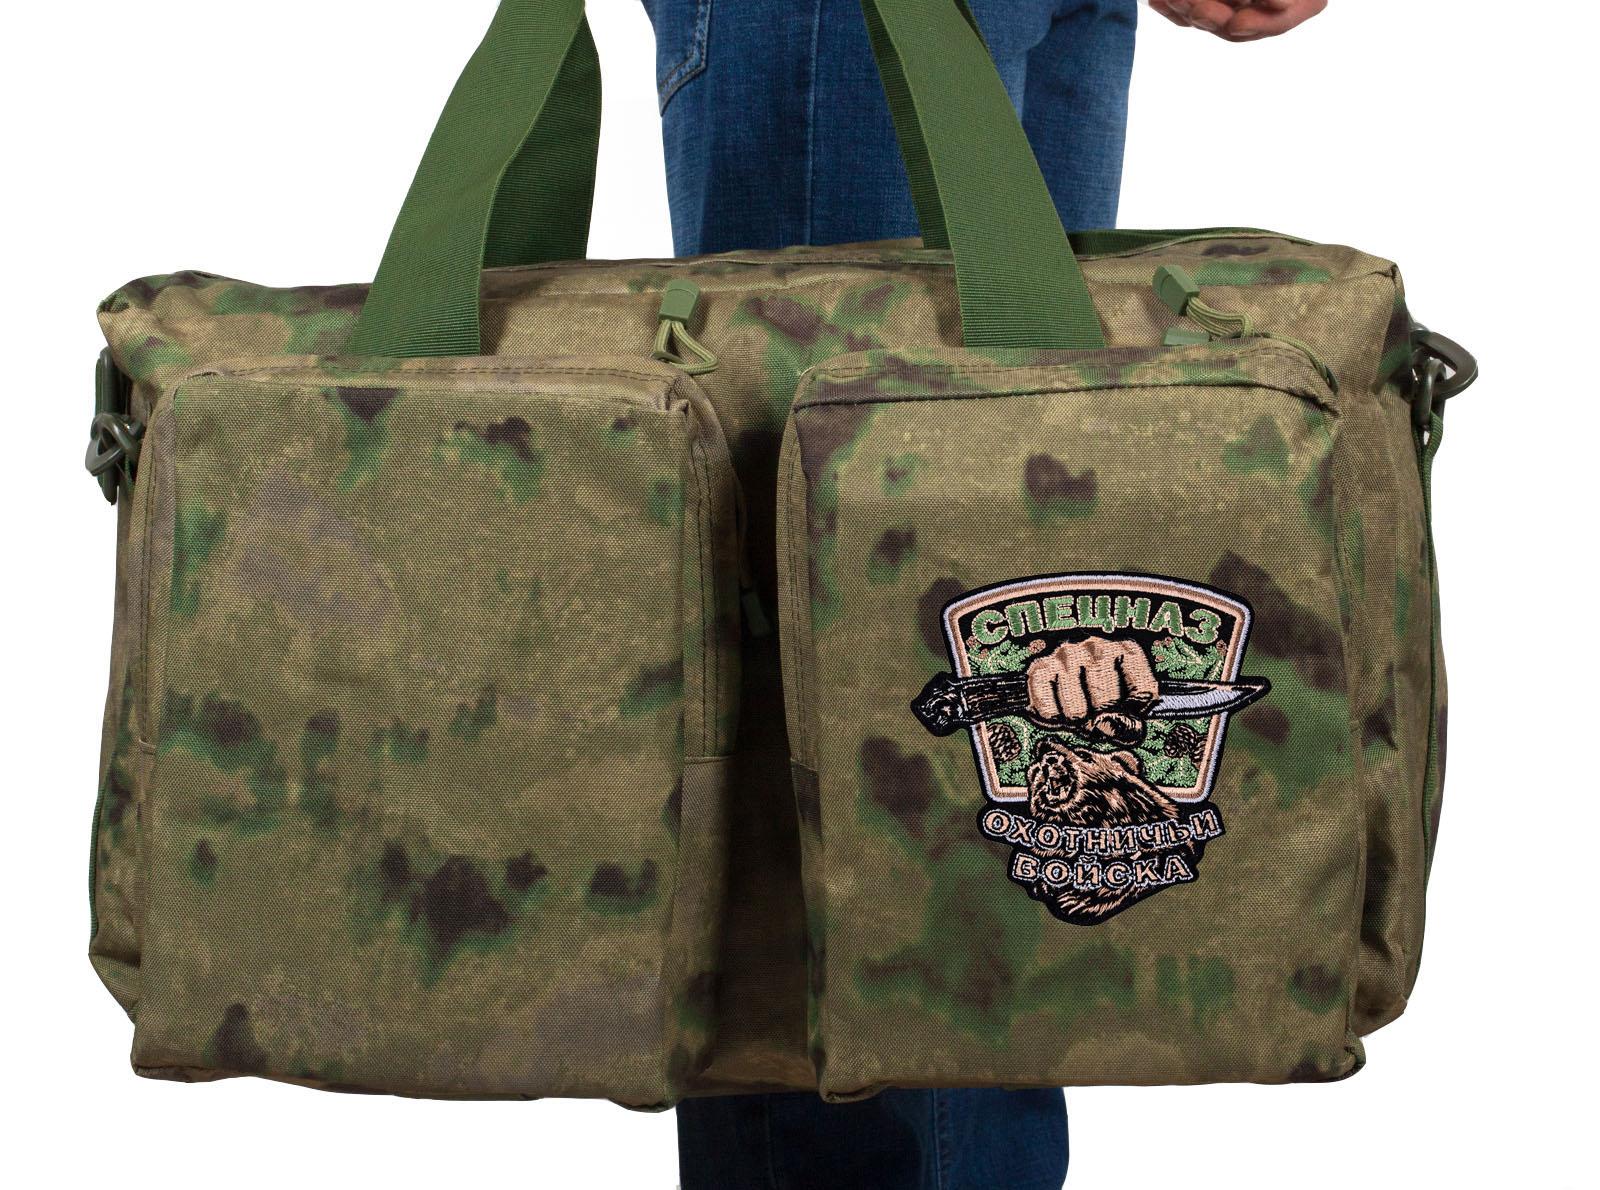 Походная полевая сумка с эмблемой Охотничьих войск купить в подарок